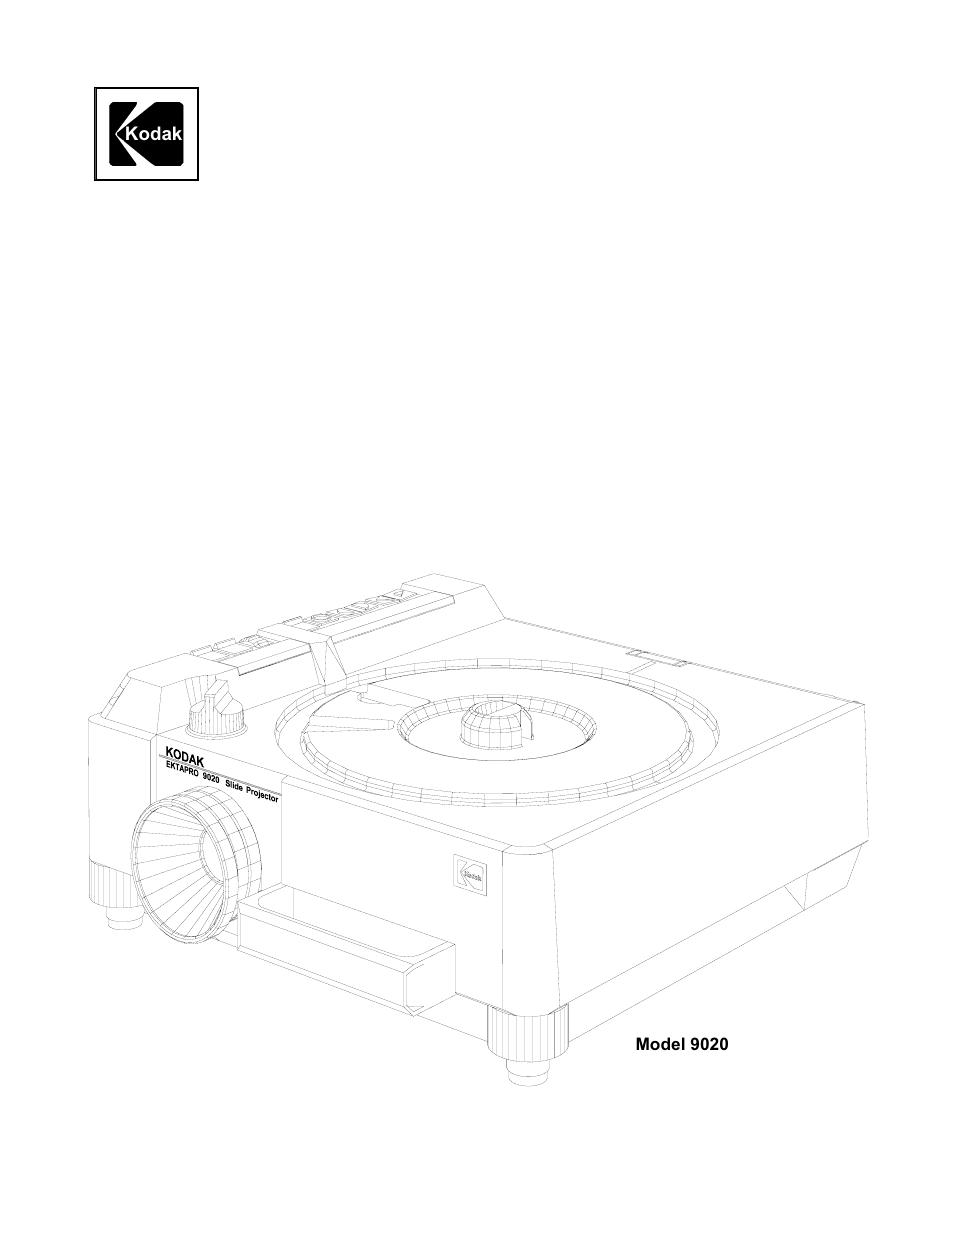 kodak ektapro slide projector 4020 user manual 136 pages also rh manualsdir com Laser Pointer Pen Laser Pointer Pen